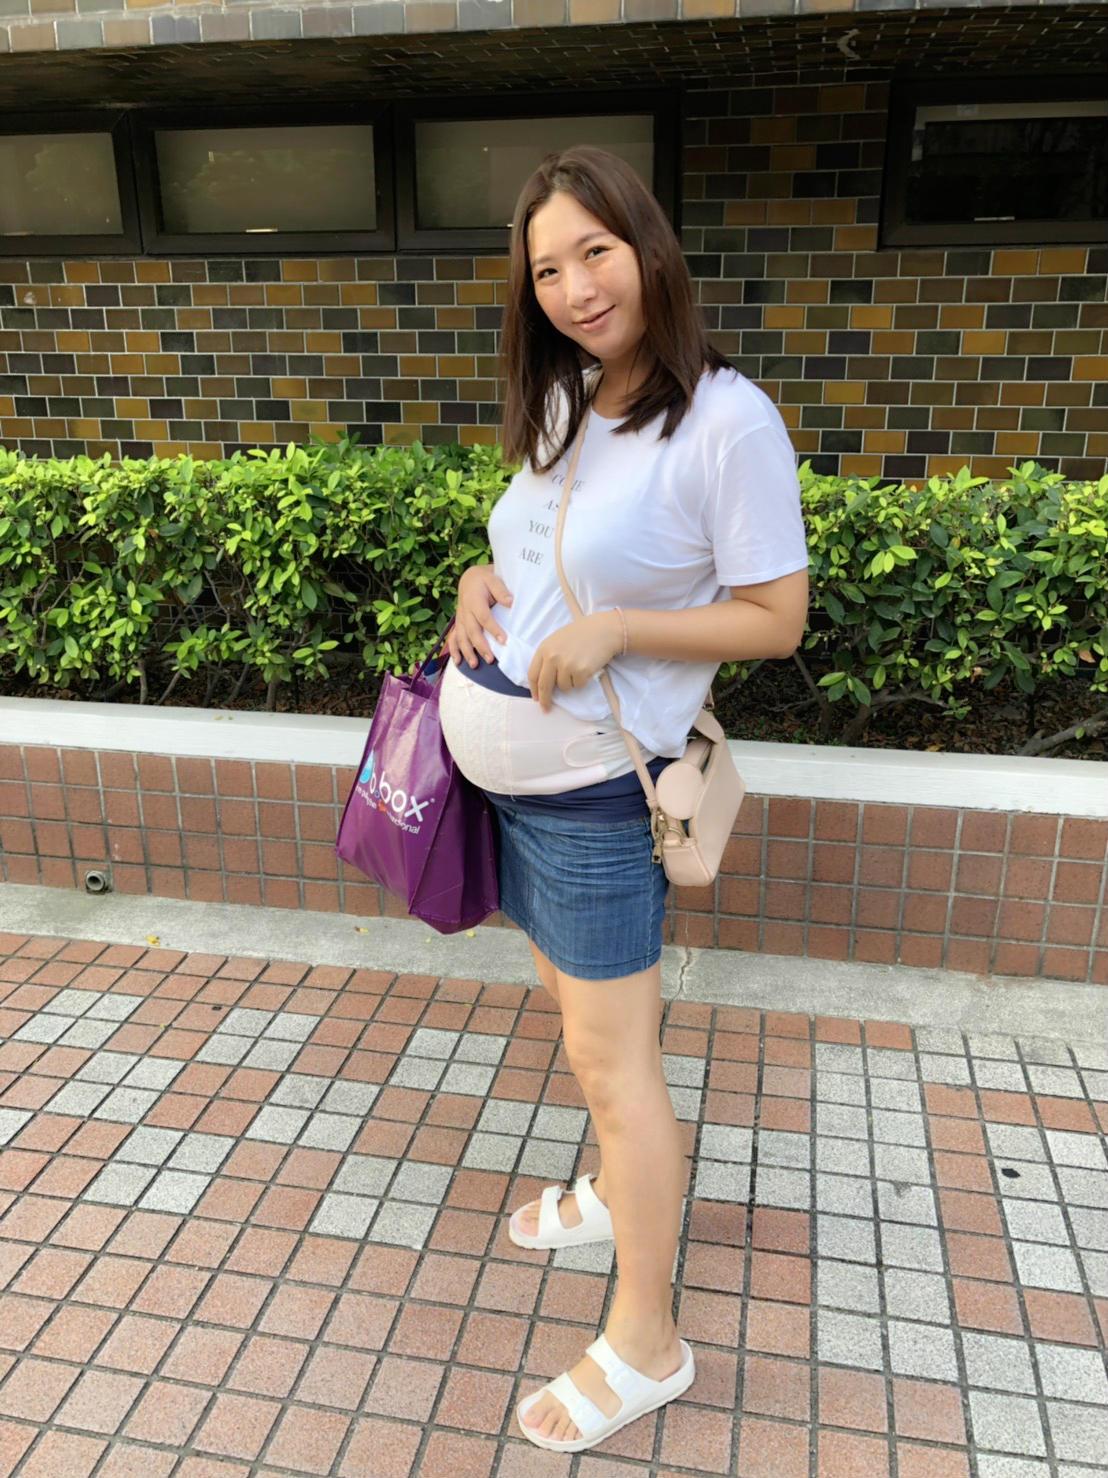 日本百年孕產專家-犬印。產前托腹帶,產後束腹帶分享,幫助身體恢復的好伙伴